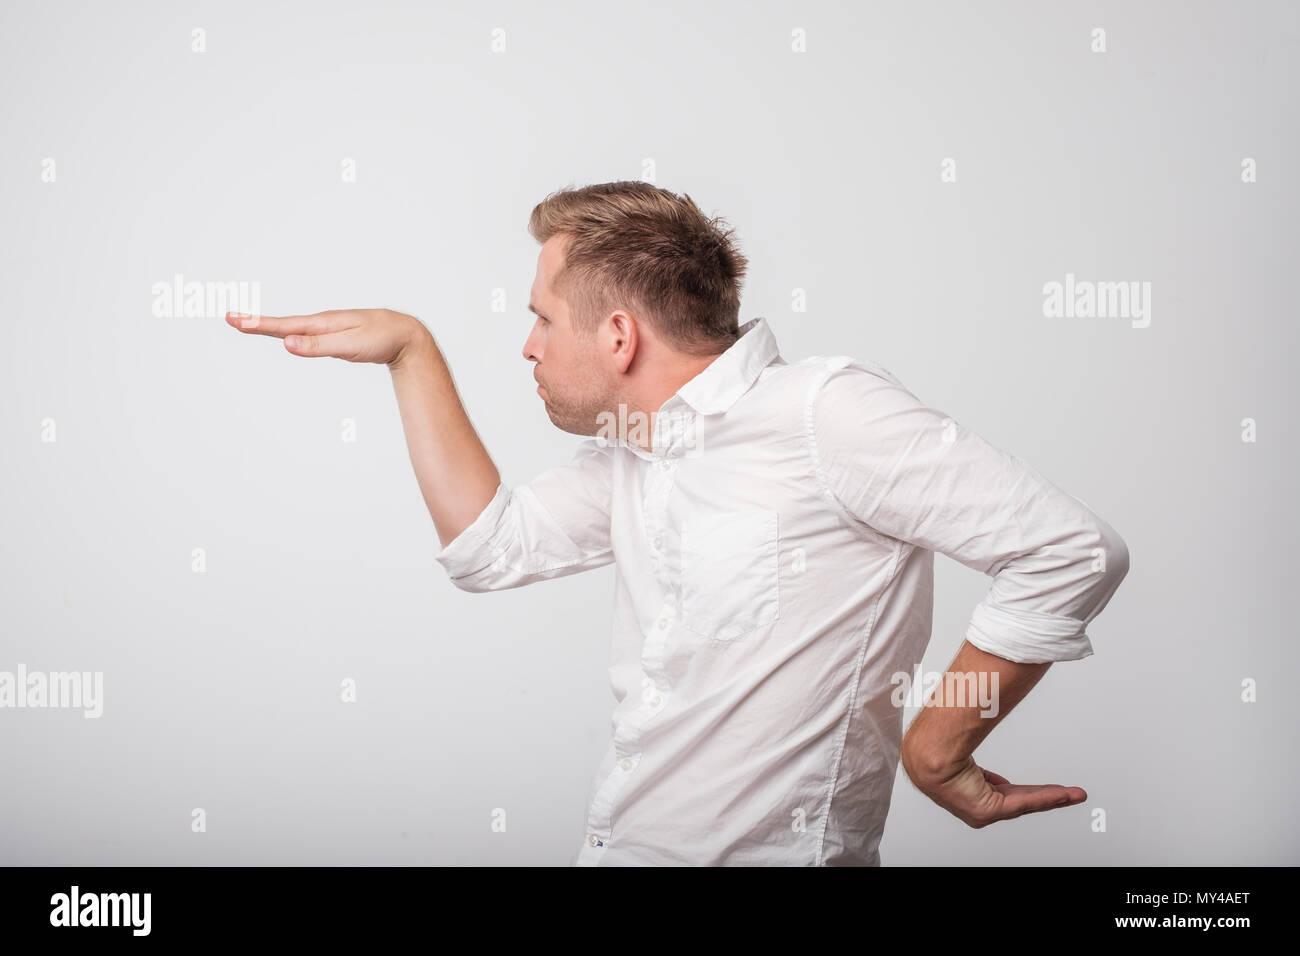 Caucasian emocionado joven levantando sus manos en una vista lateral como él bailando. Imagen De Stock